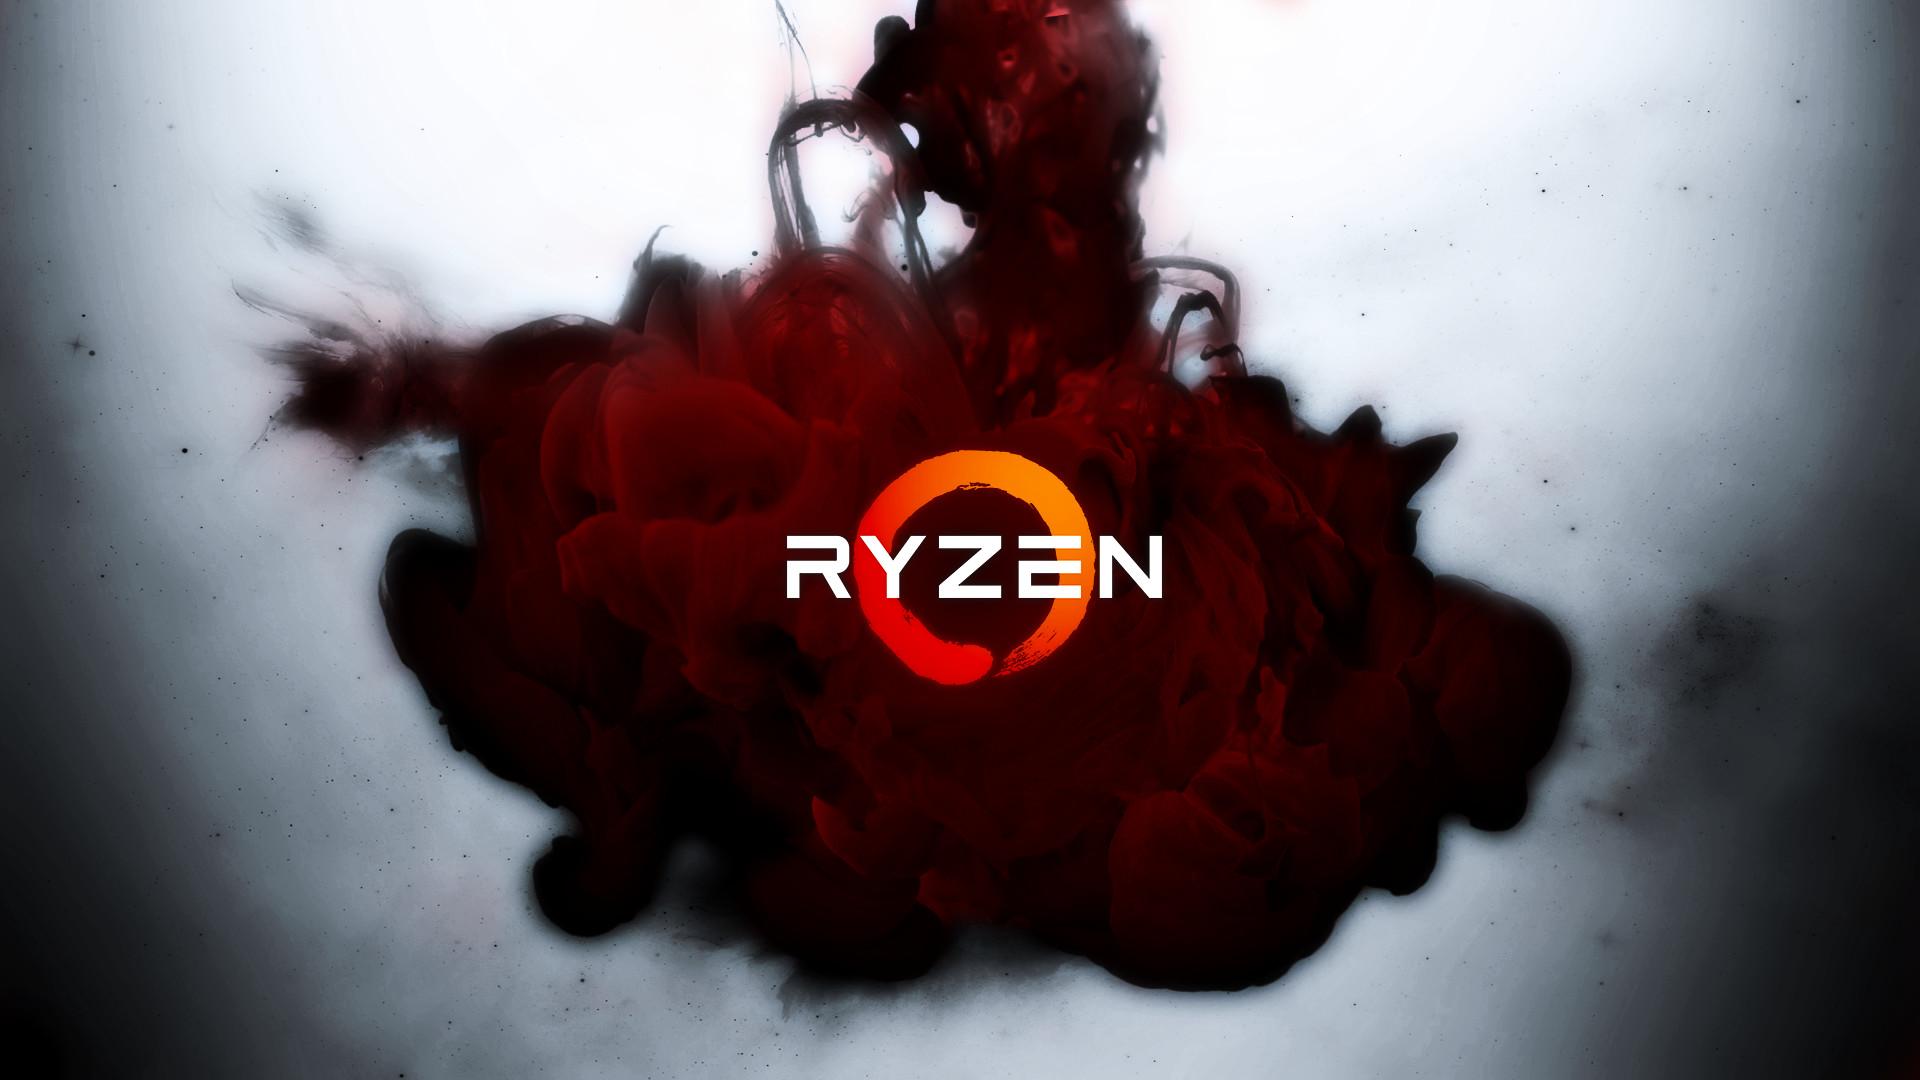 AMD Ryzen Wallpaper by XenoF3 AMD Ryzen Wallpaper by XenoF3